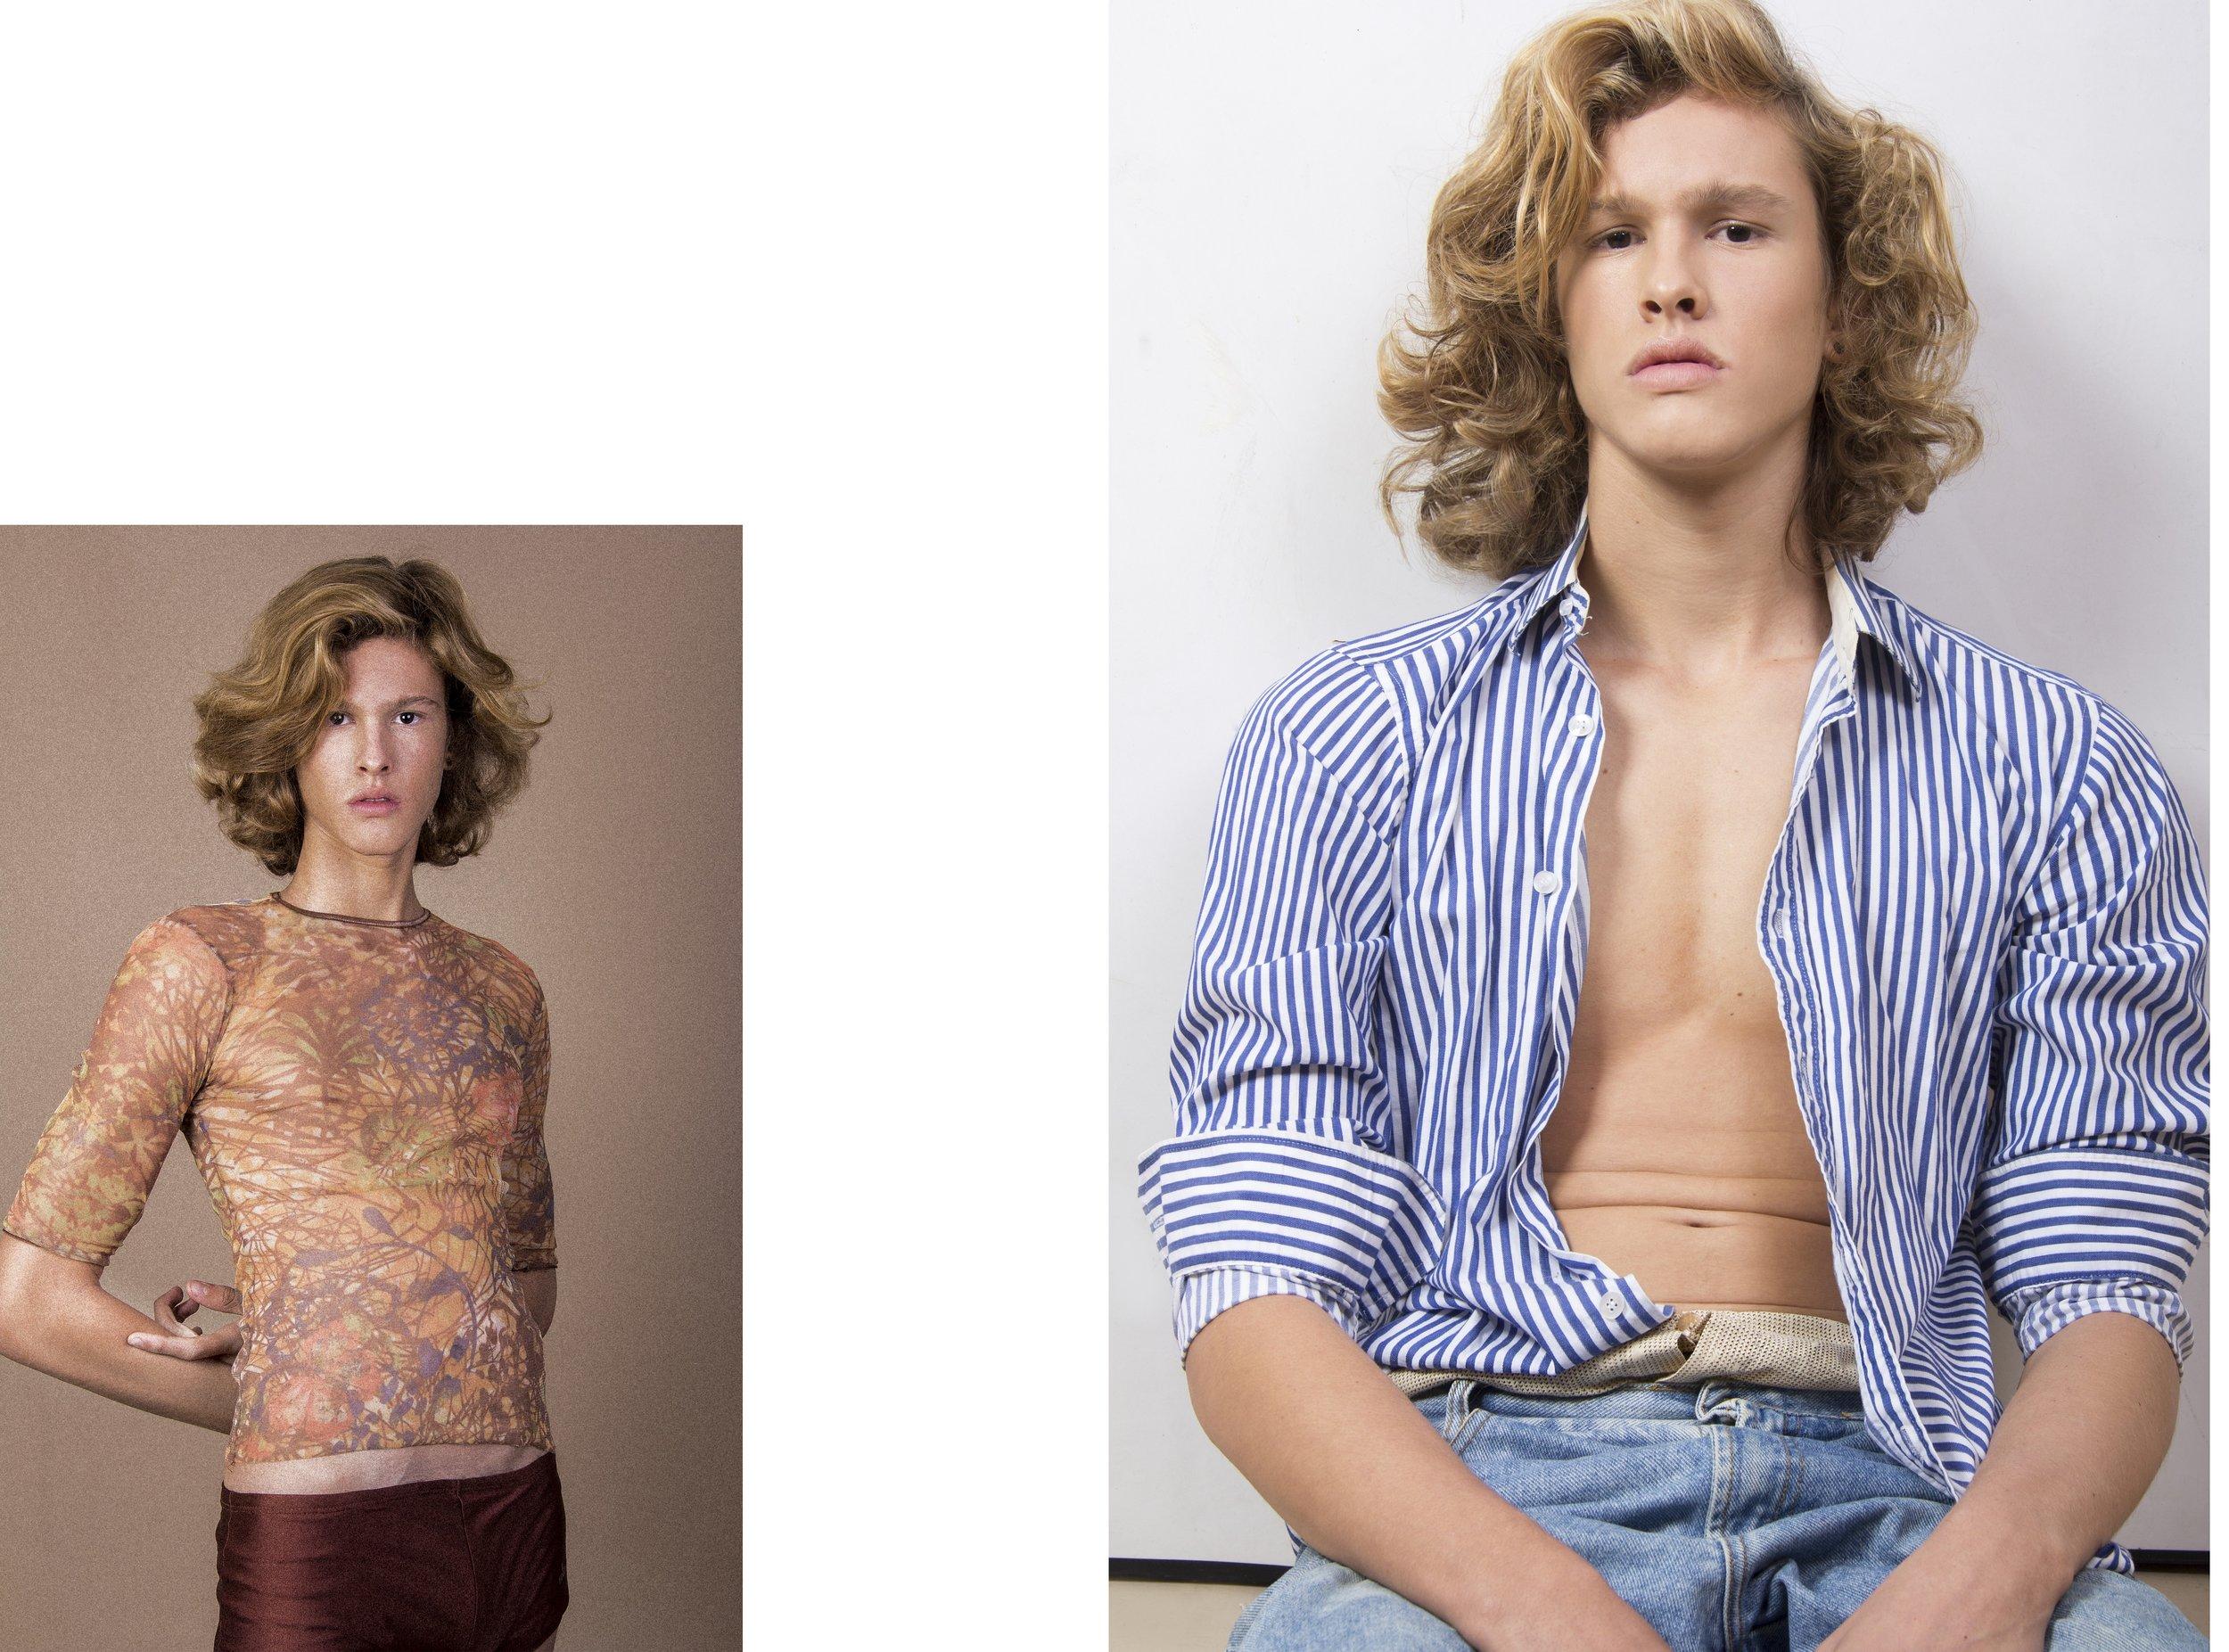 Esquerda: Cueca marrom Lanvin,blusa transparente acervo.    Direita: Camisa listrada C&A,calça jens acervo,cueca Lupo.